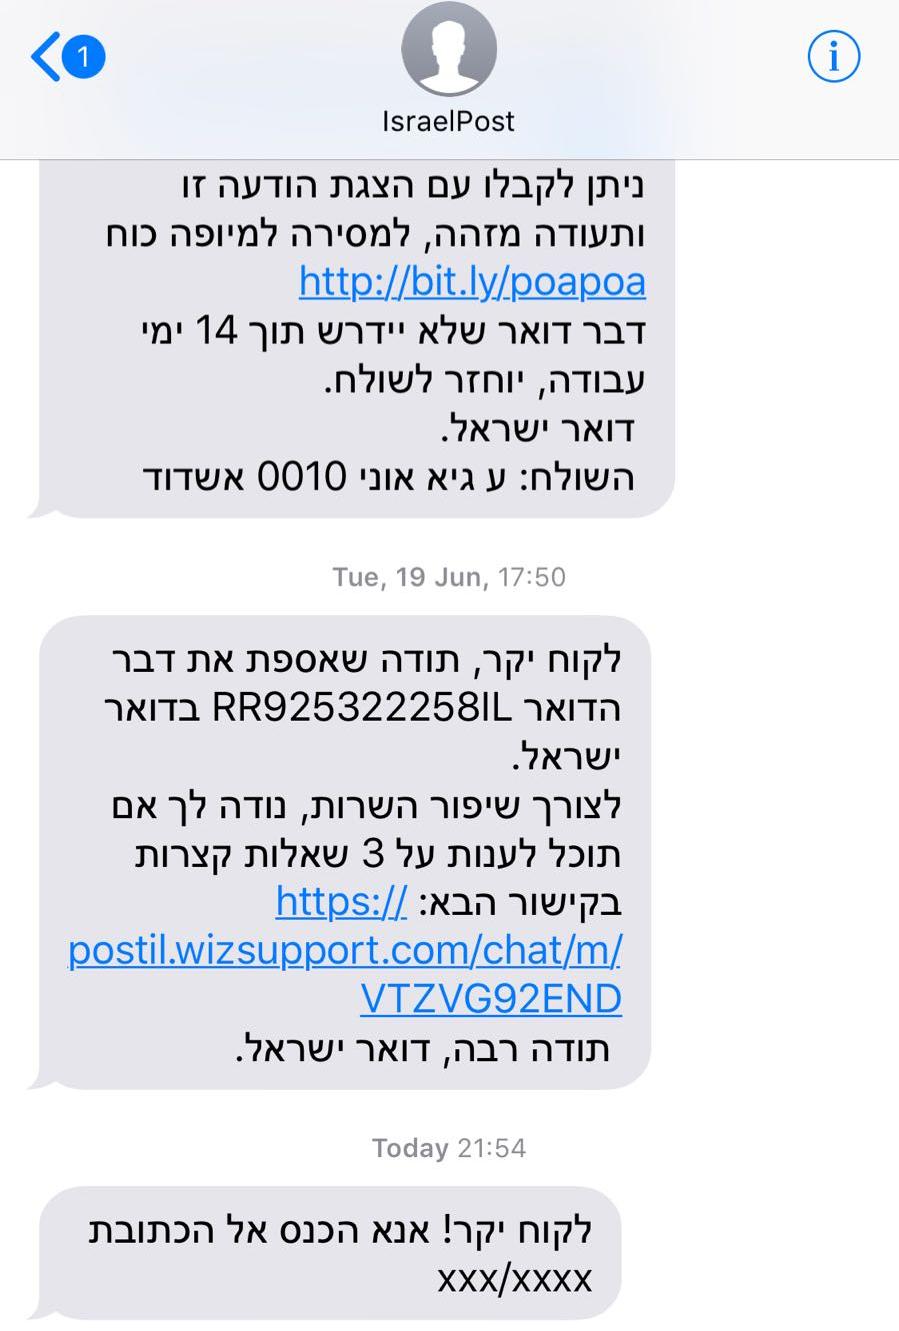 סמסים מדואר ישראל, כולם אותנטיים למעט האחרון 📷 רן בר זיק